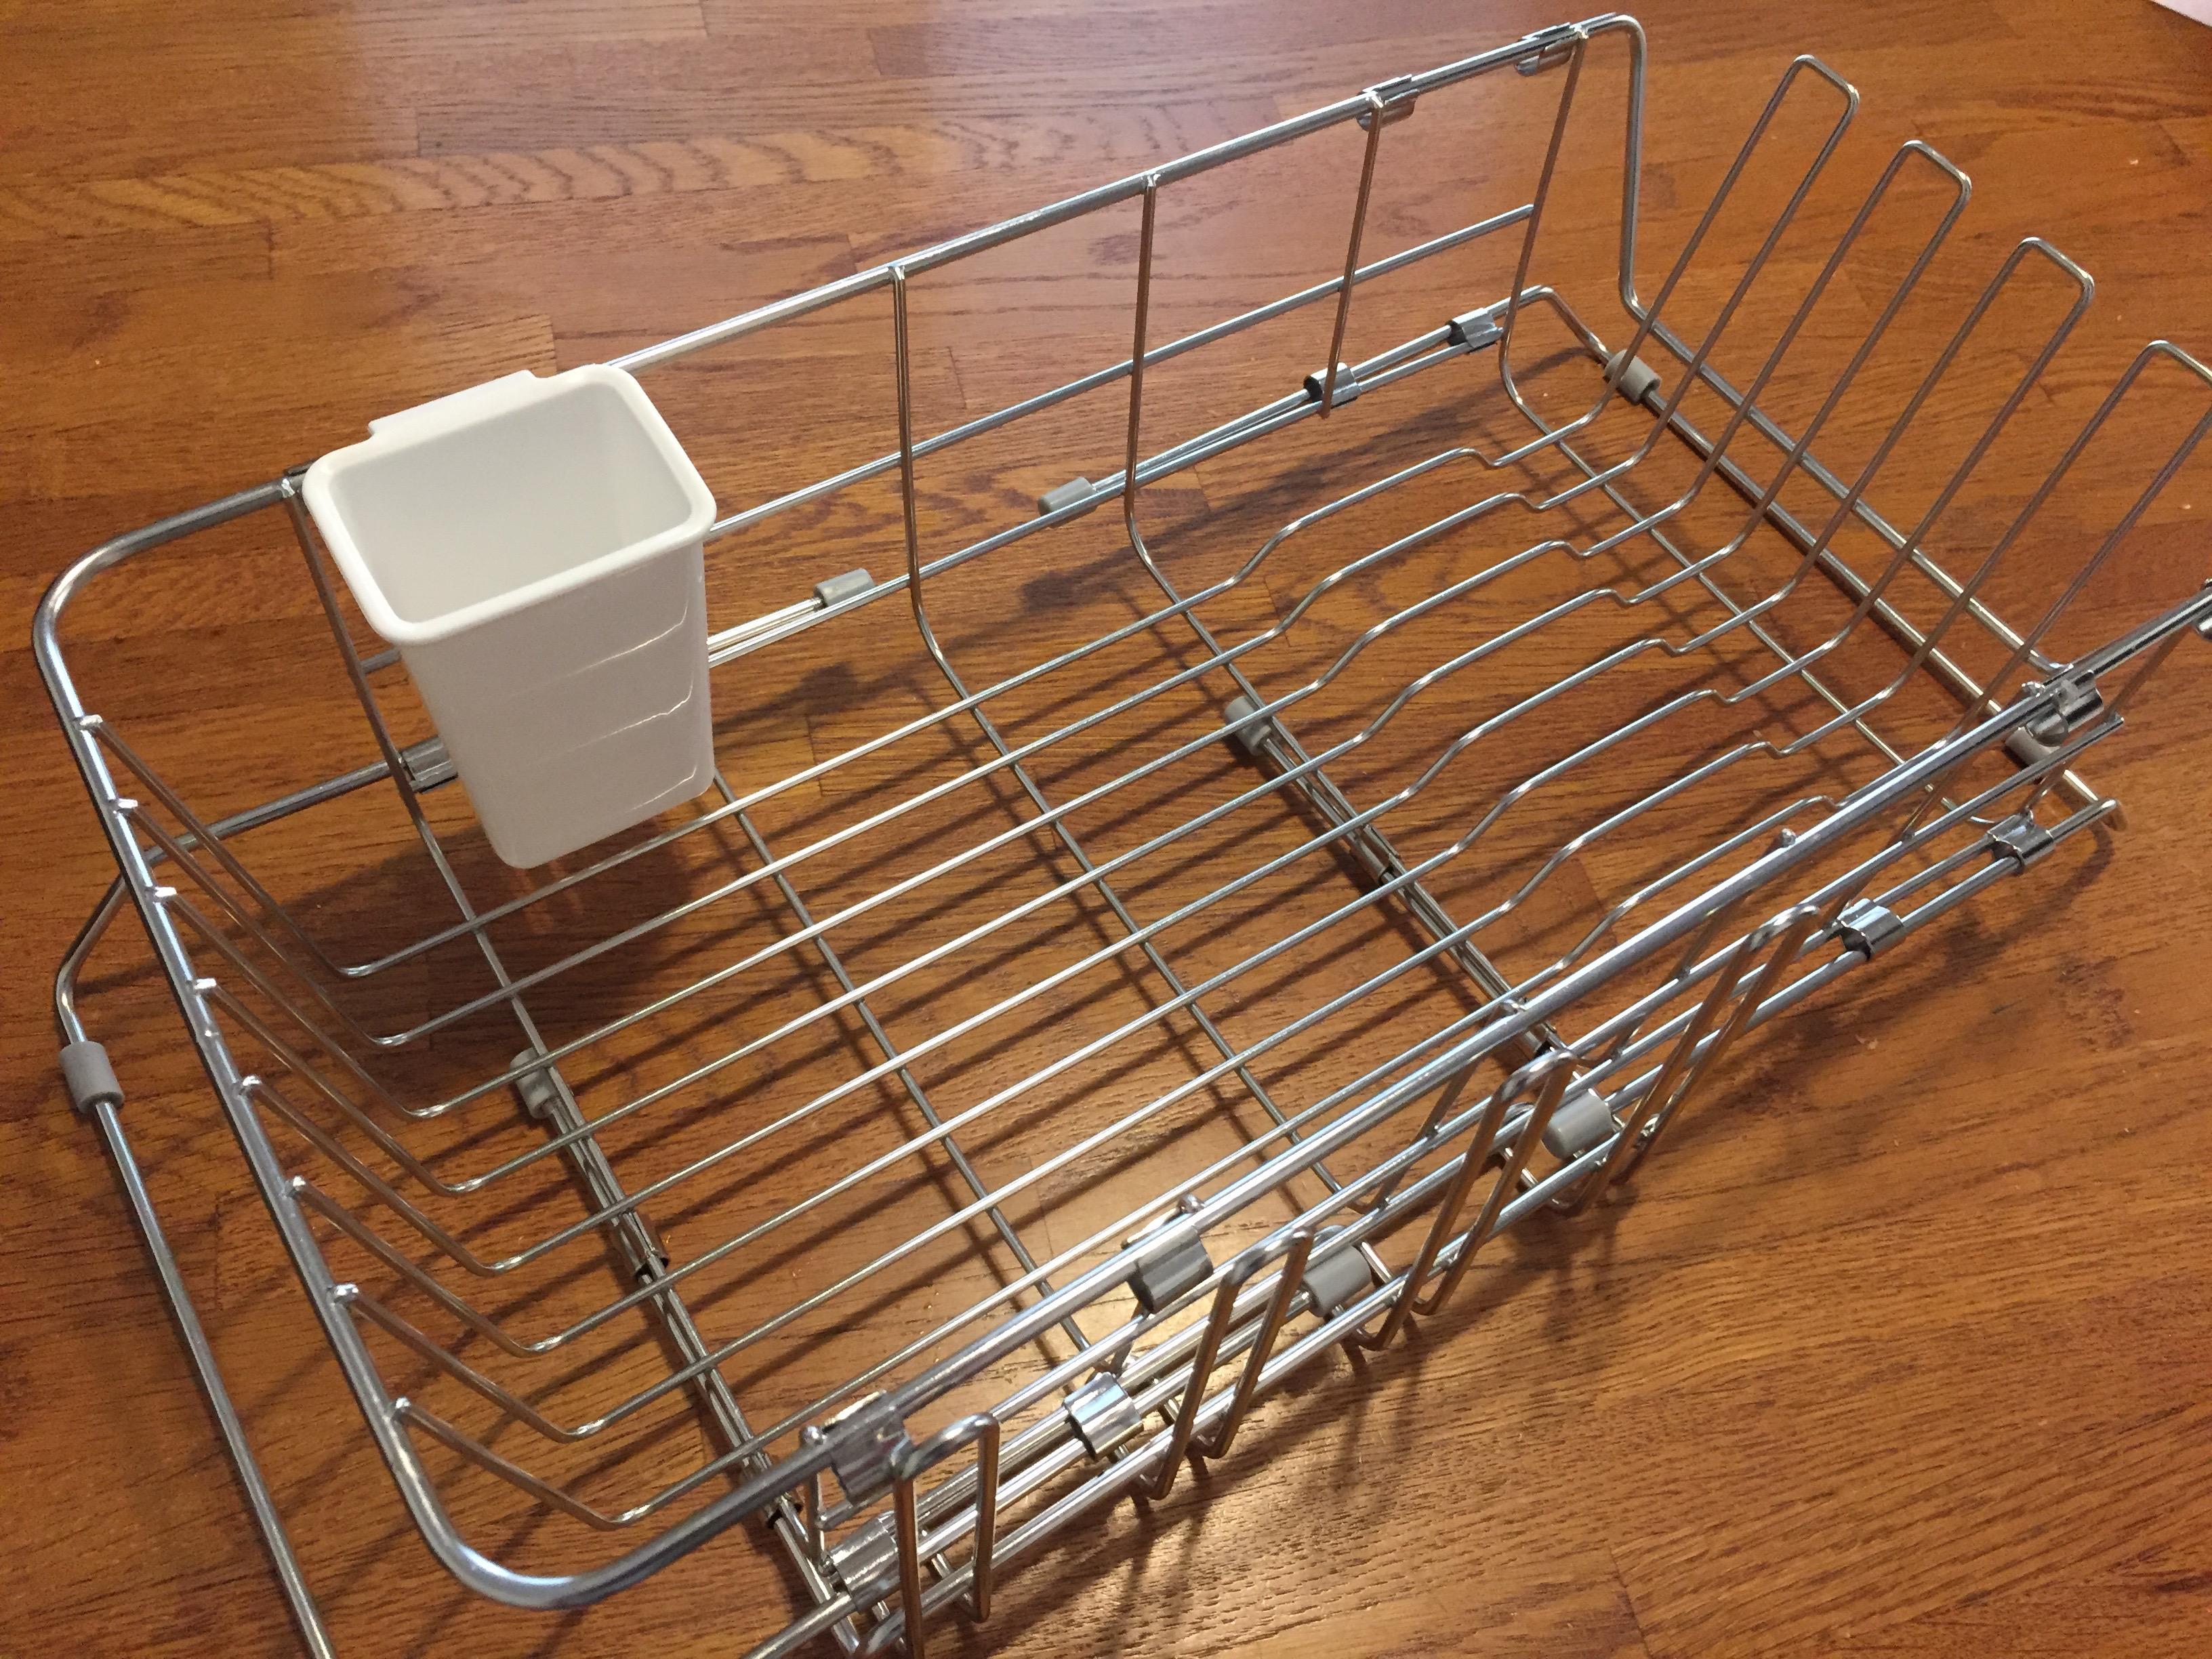 [ミニマリストのキッチン公開]水切りかごを新調して水受けを無くしました